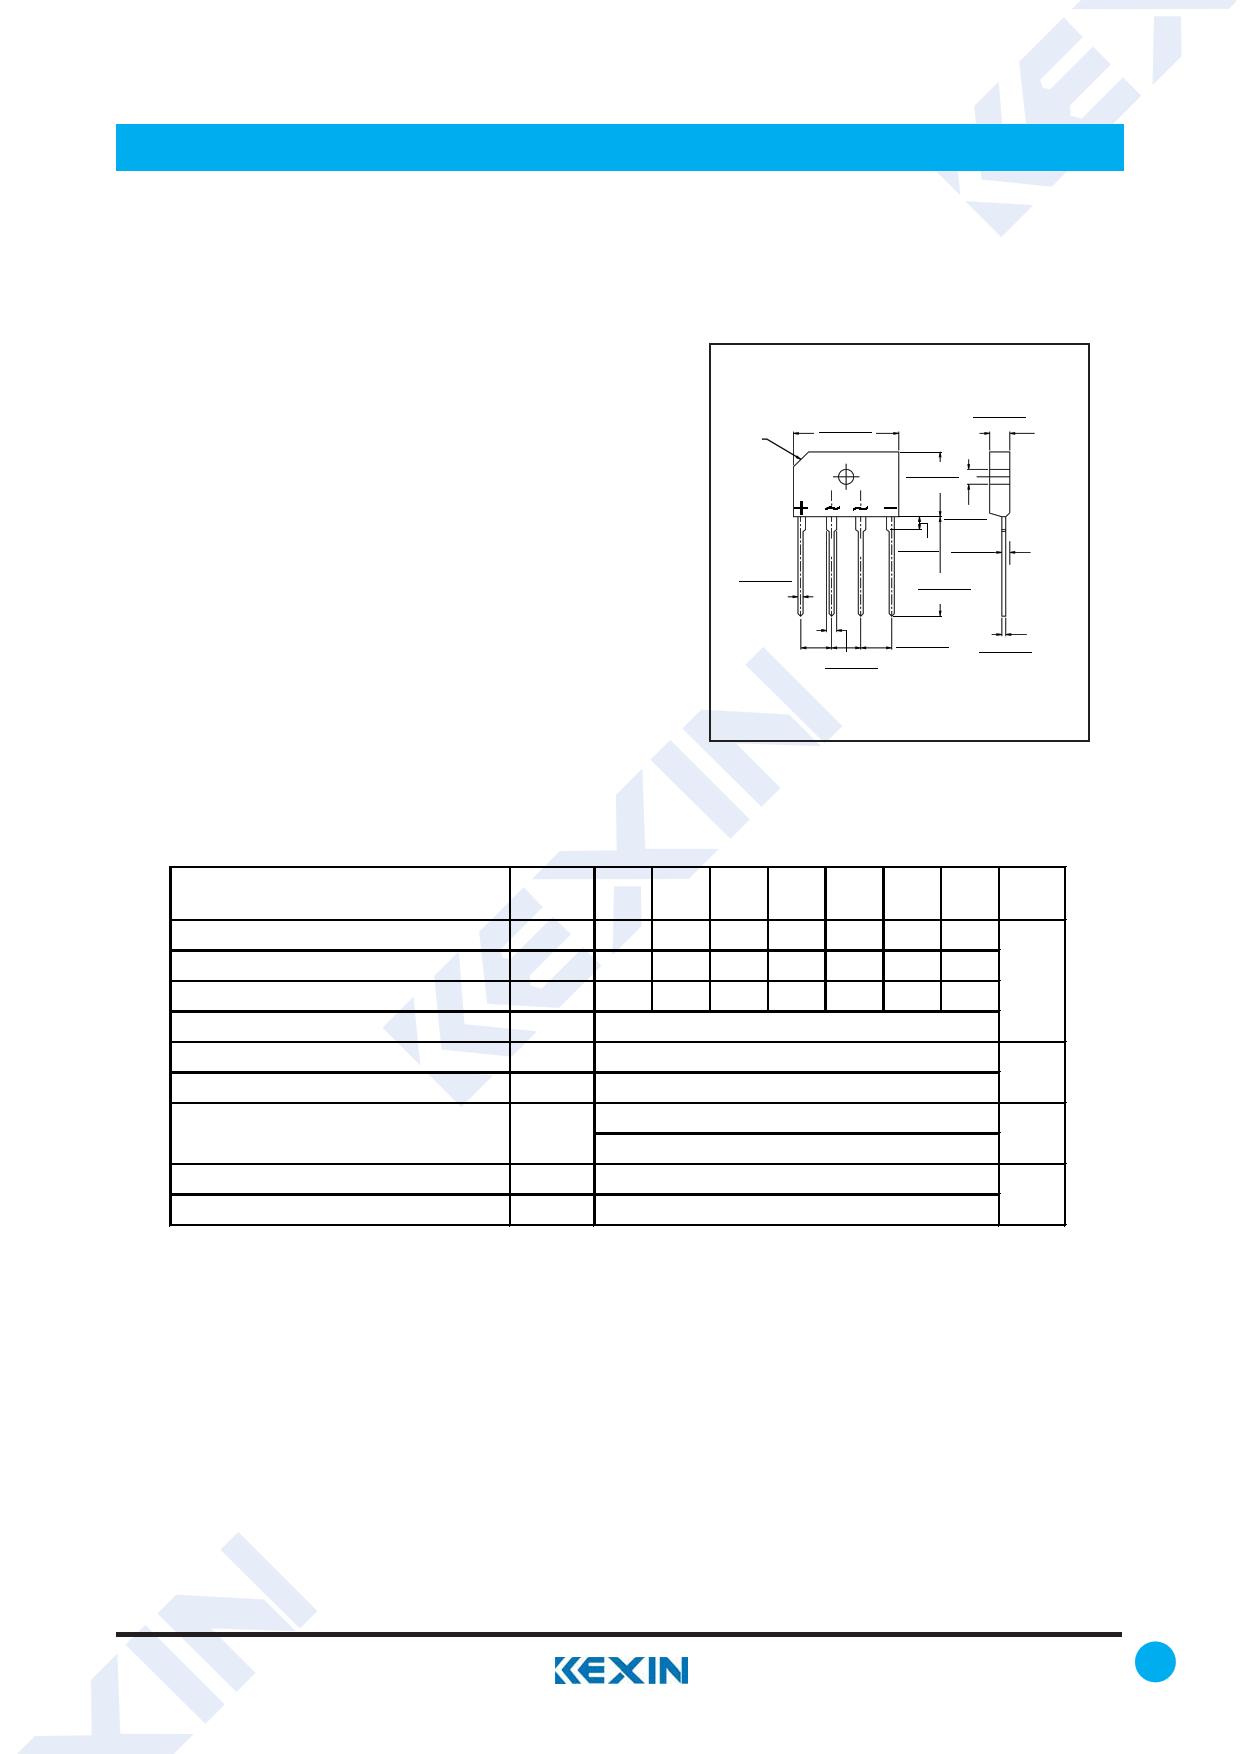 TS6B01G 데이터시트 및 TS6B01G PDF